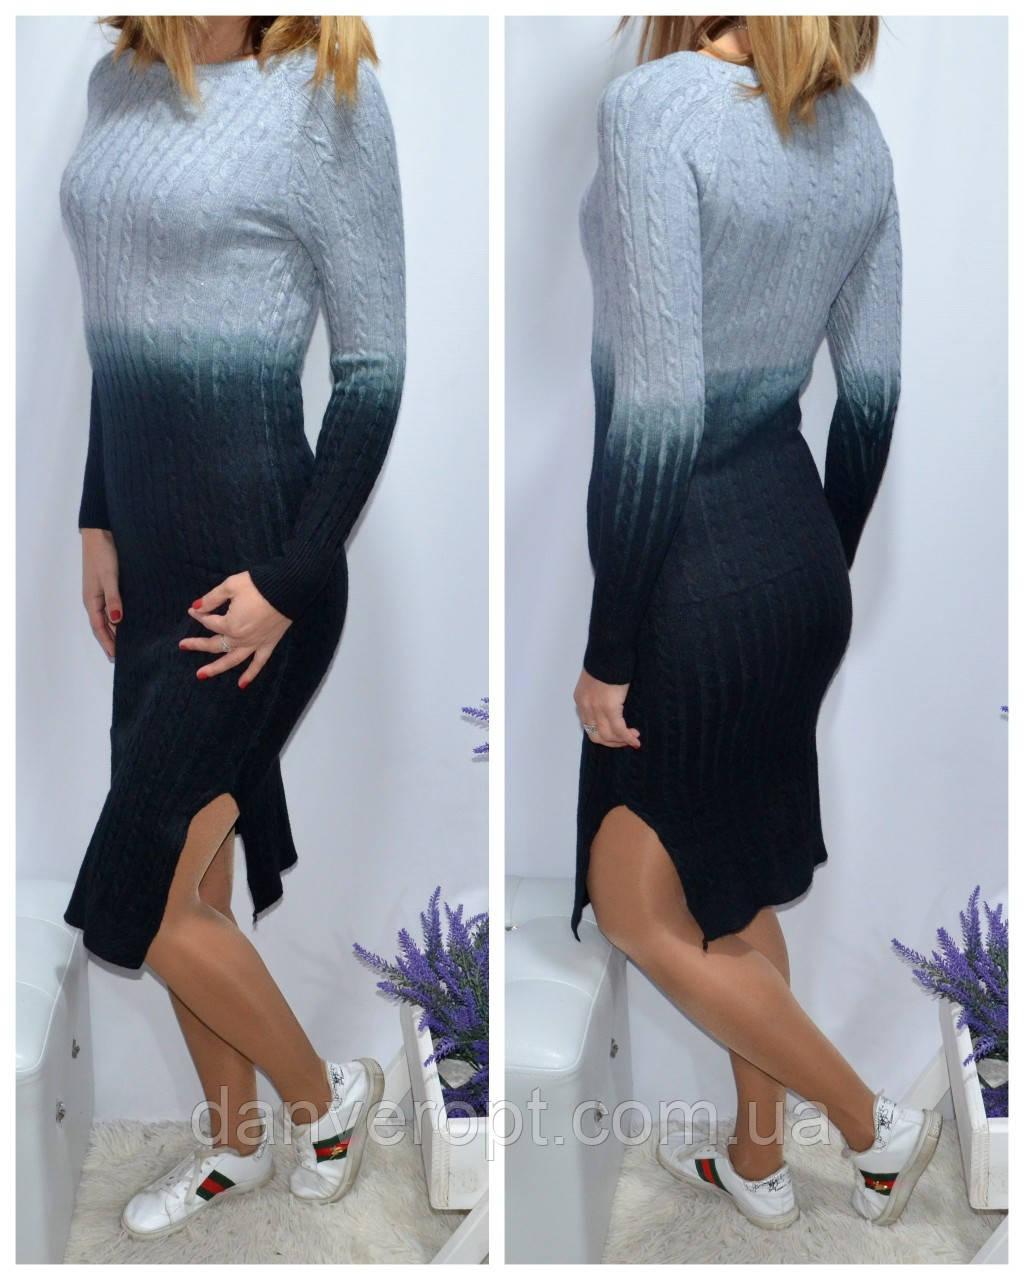 Платье женское молодёжное вязаное размер универсальный 42-46 купить оптом со склада 7км Одесса